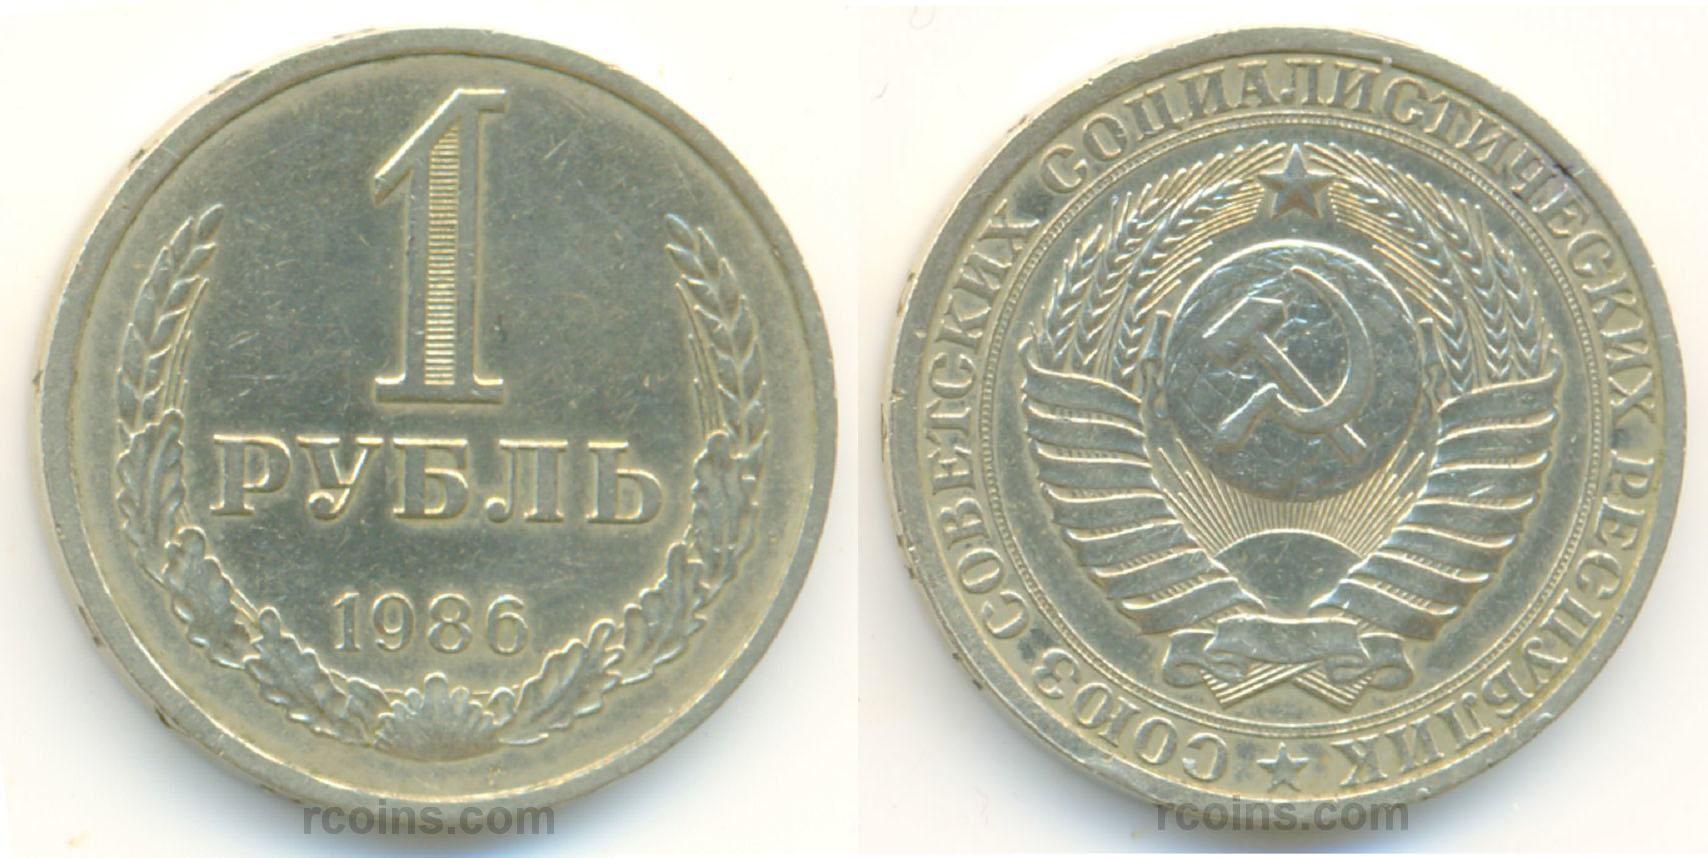 a1-rubl-1986.jpg